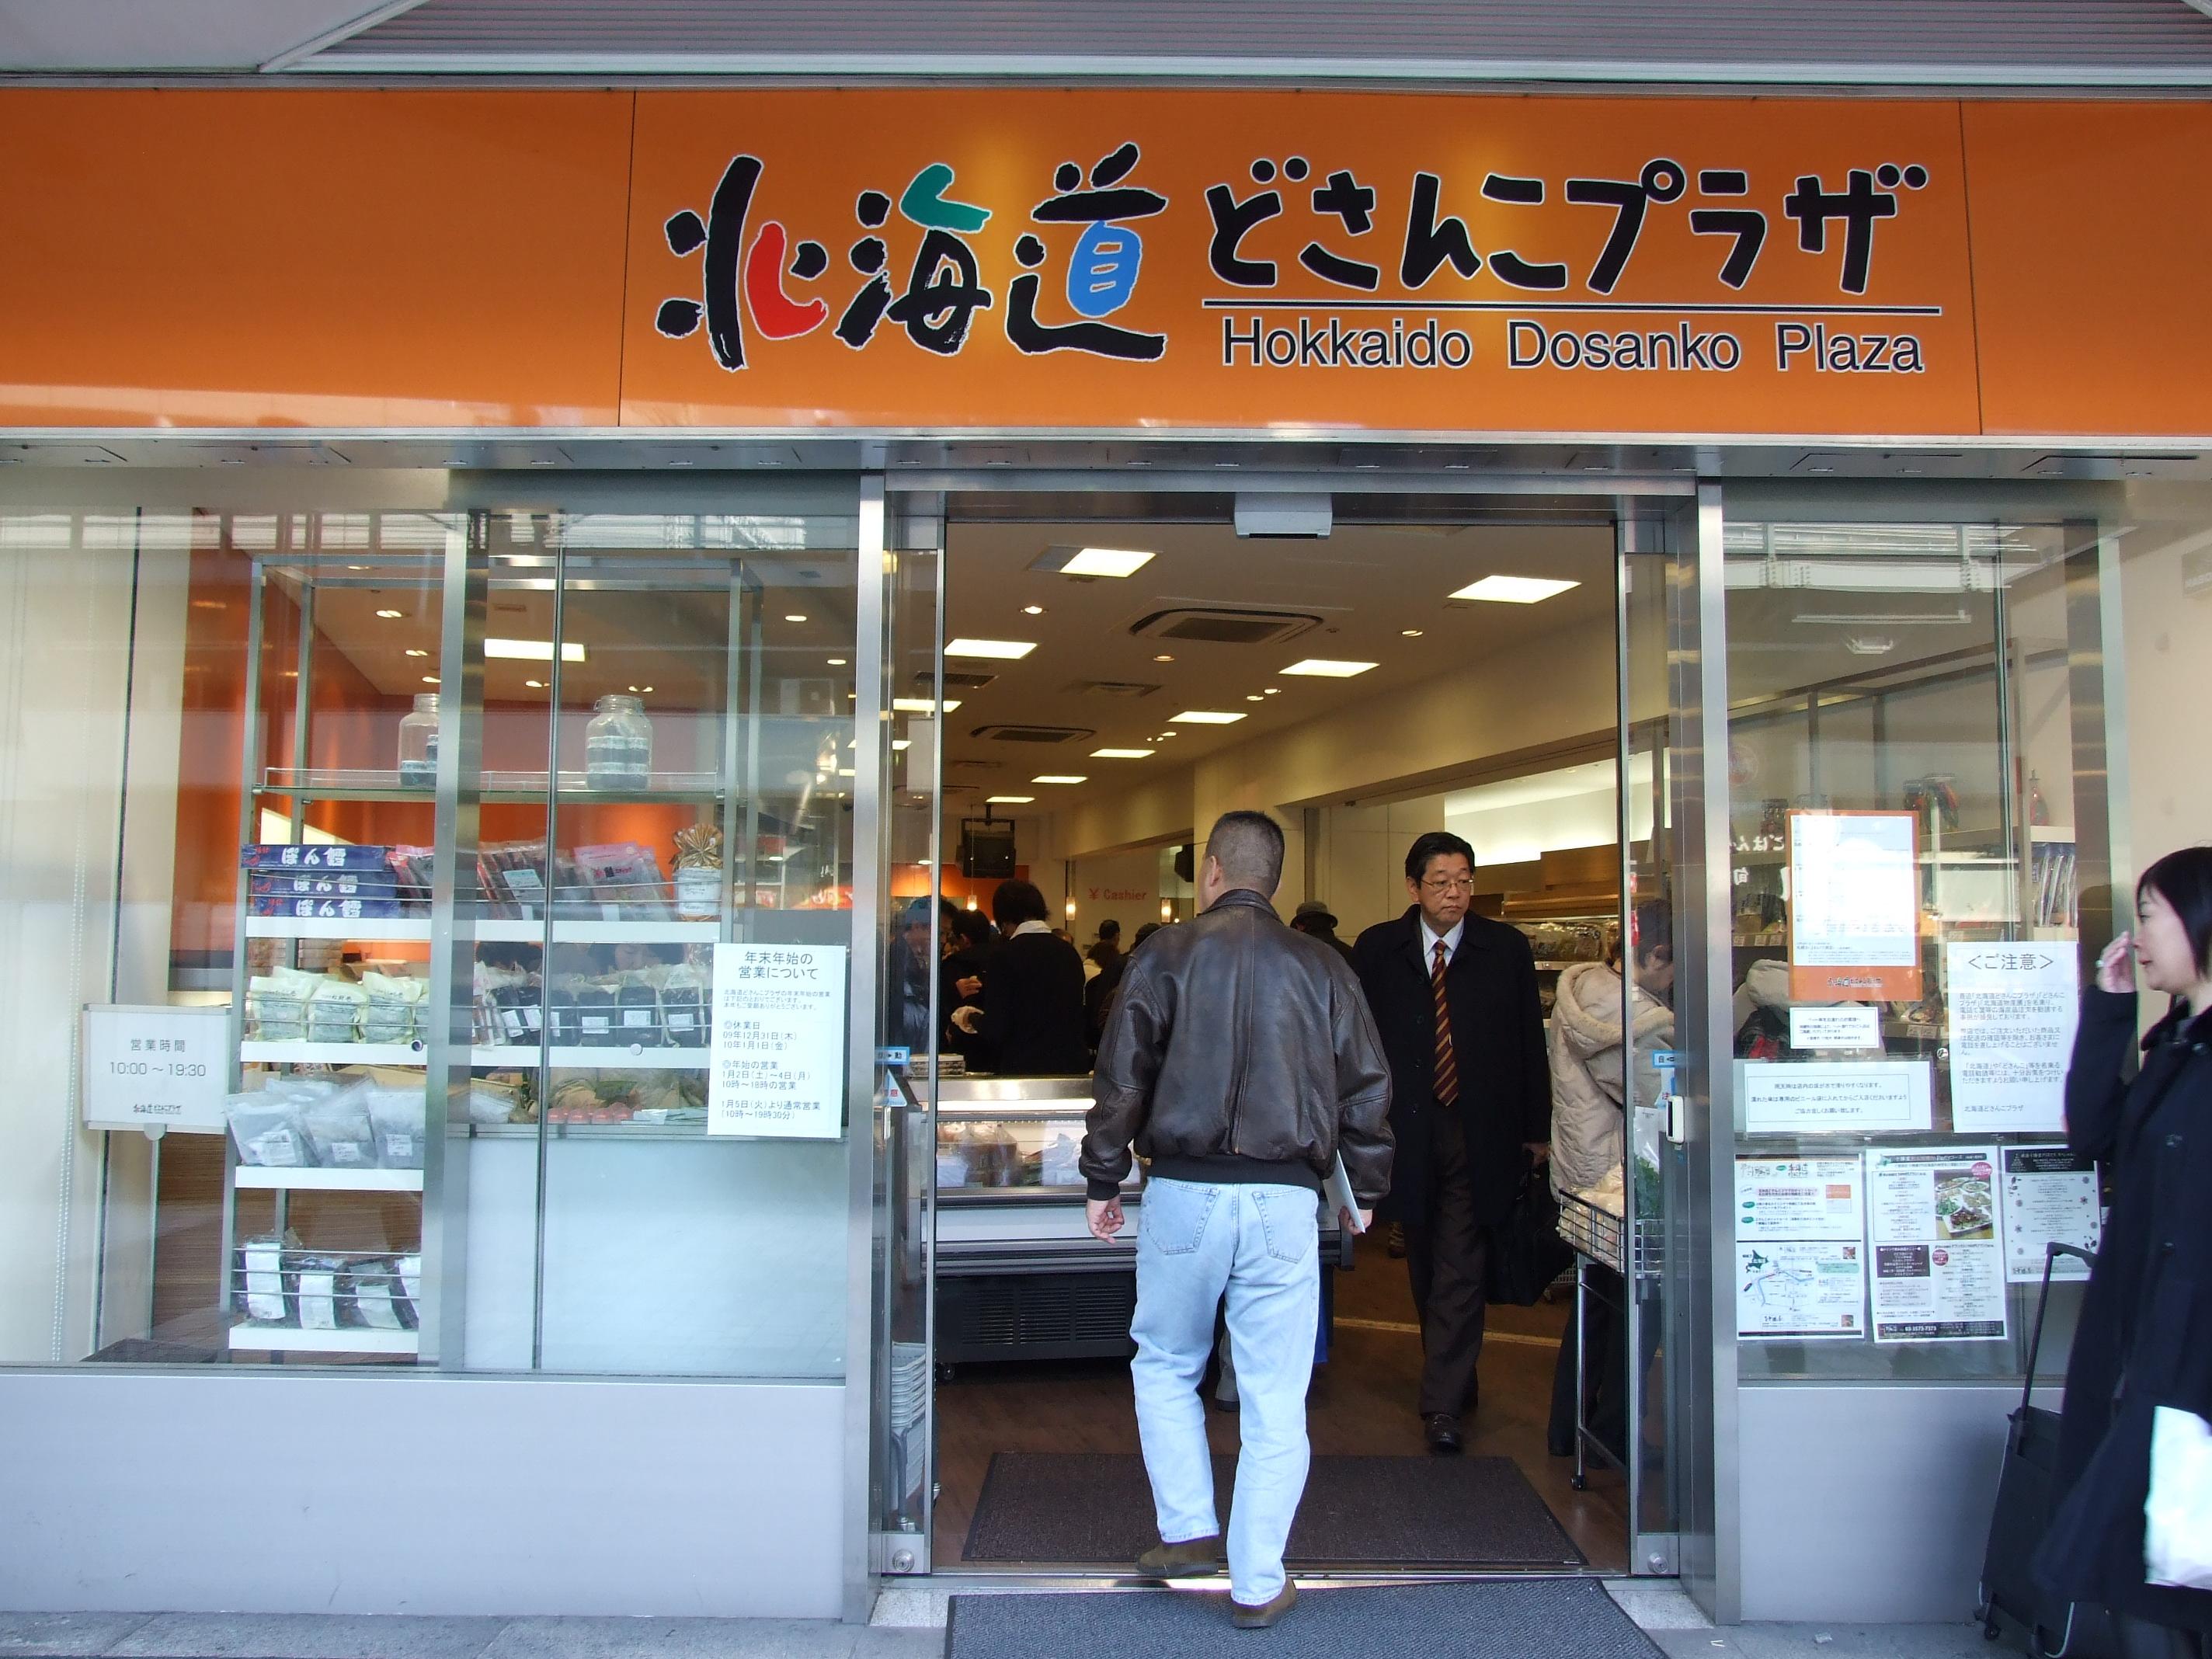 北海道アンテナショップ 北海道どさんこプラザ(東京交通会館)